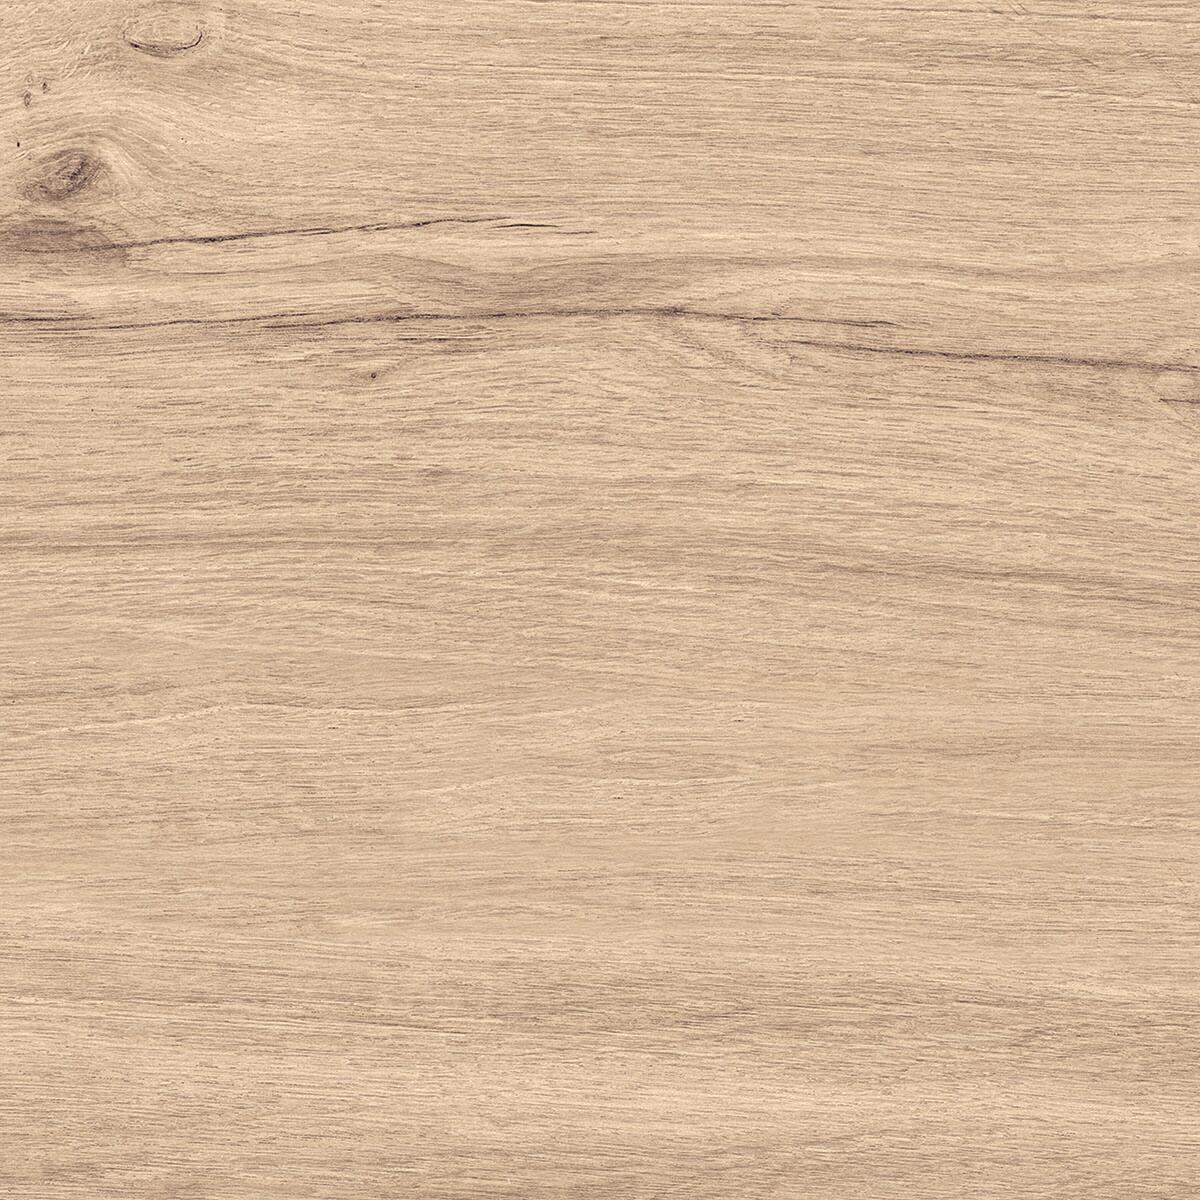 Piastrella Pad 15 x 90 cm sp. 10 mm PEI 4/5 beige - 2